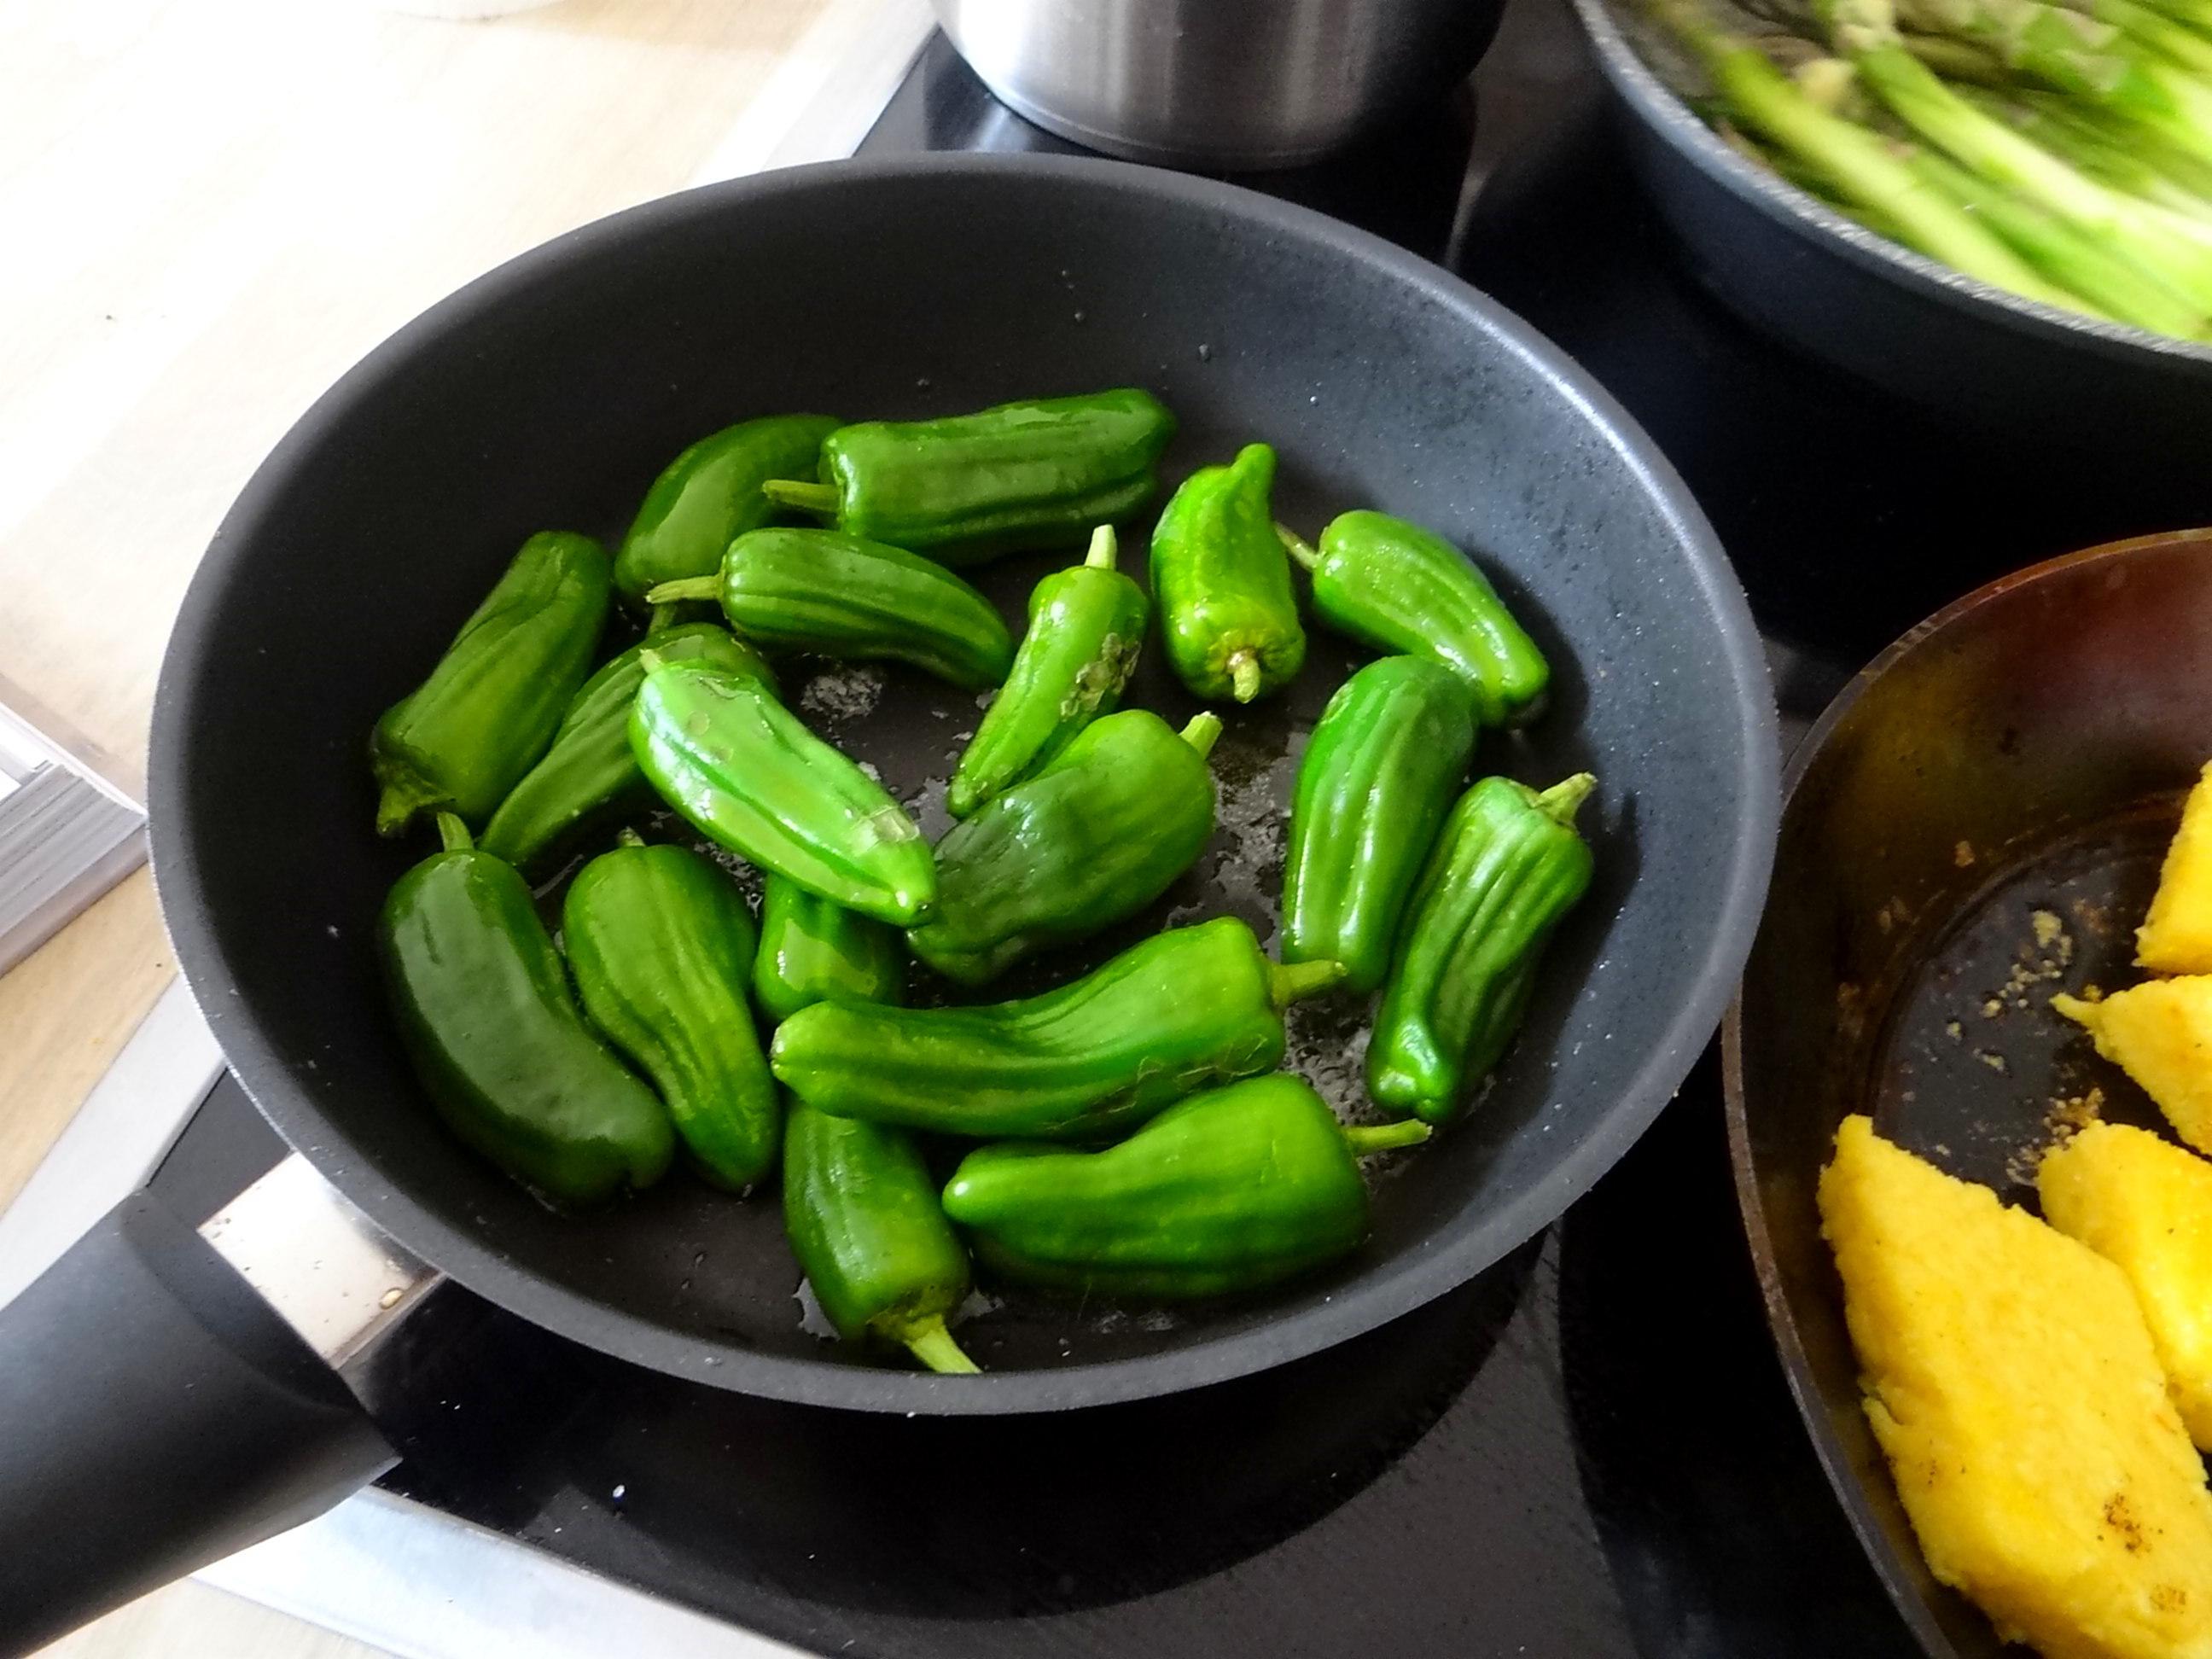 pochiertes Ei,Pimientos,grüner Spargel,Polenta,Kochschinken,Obstsalat,vegetarich (8)